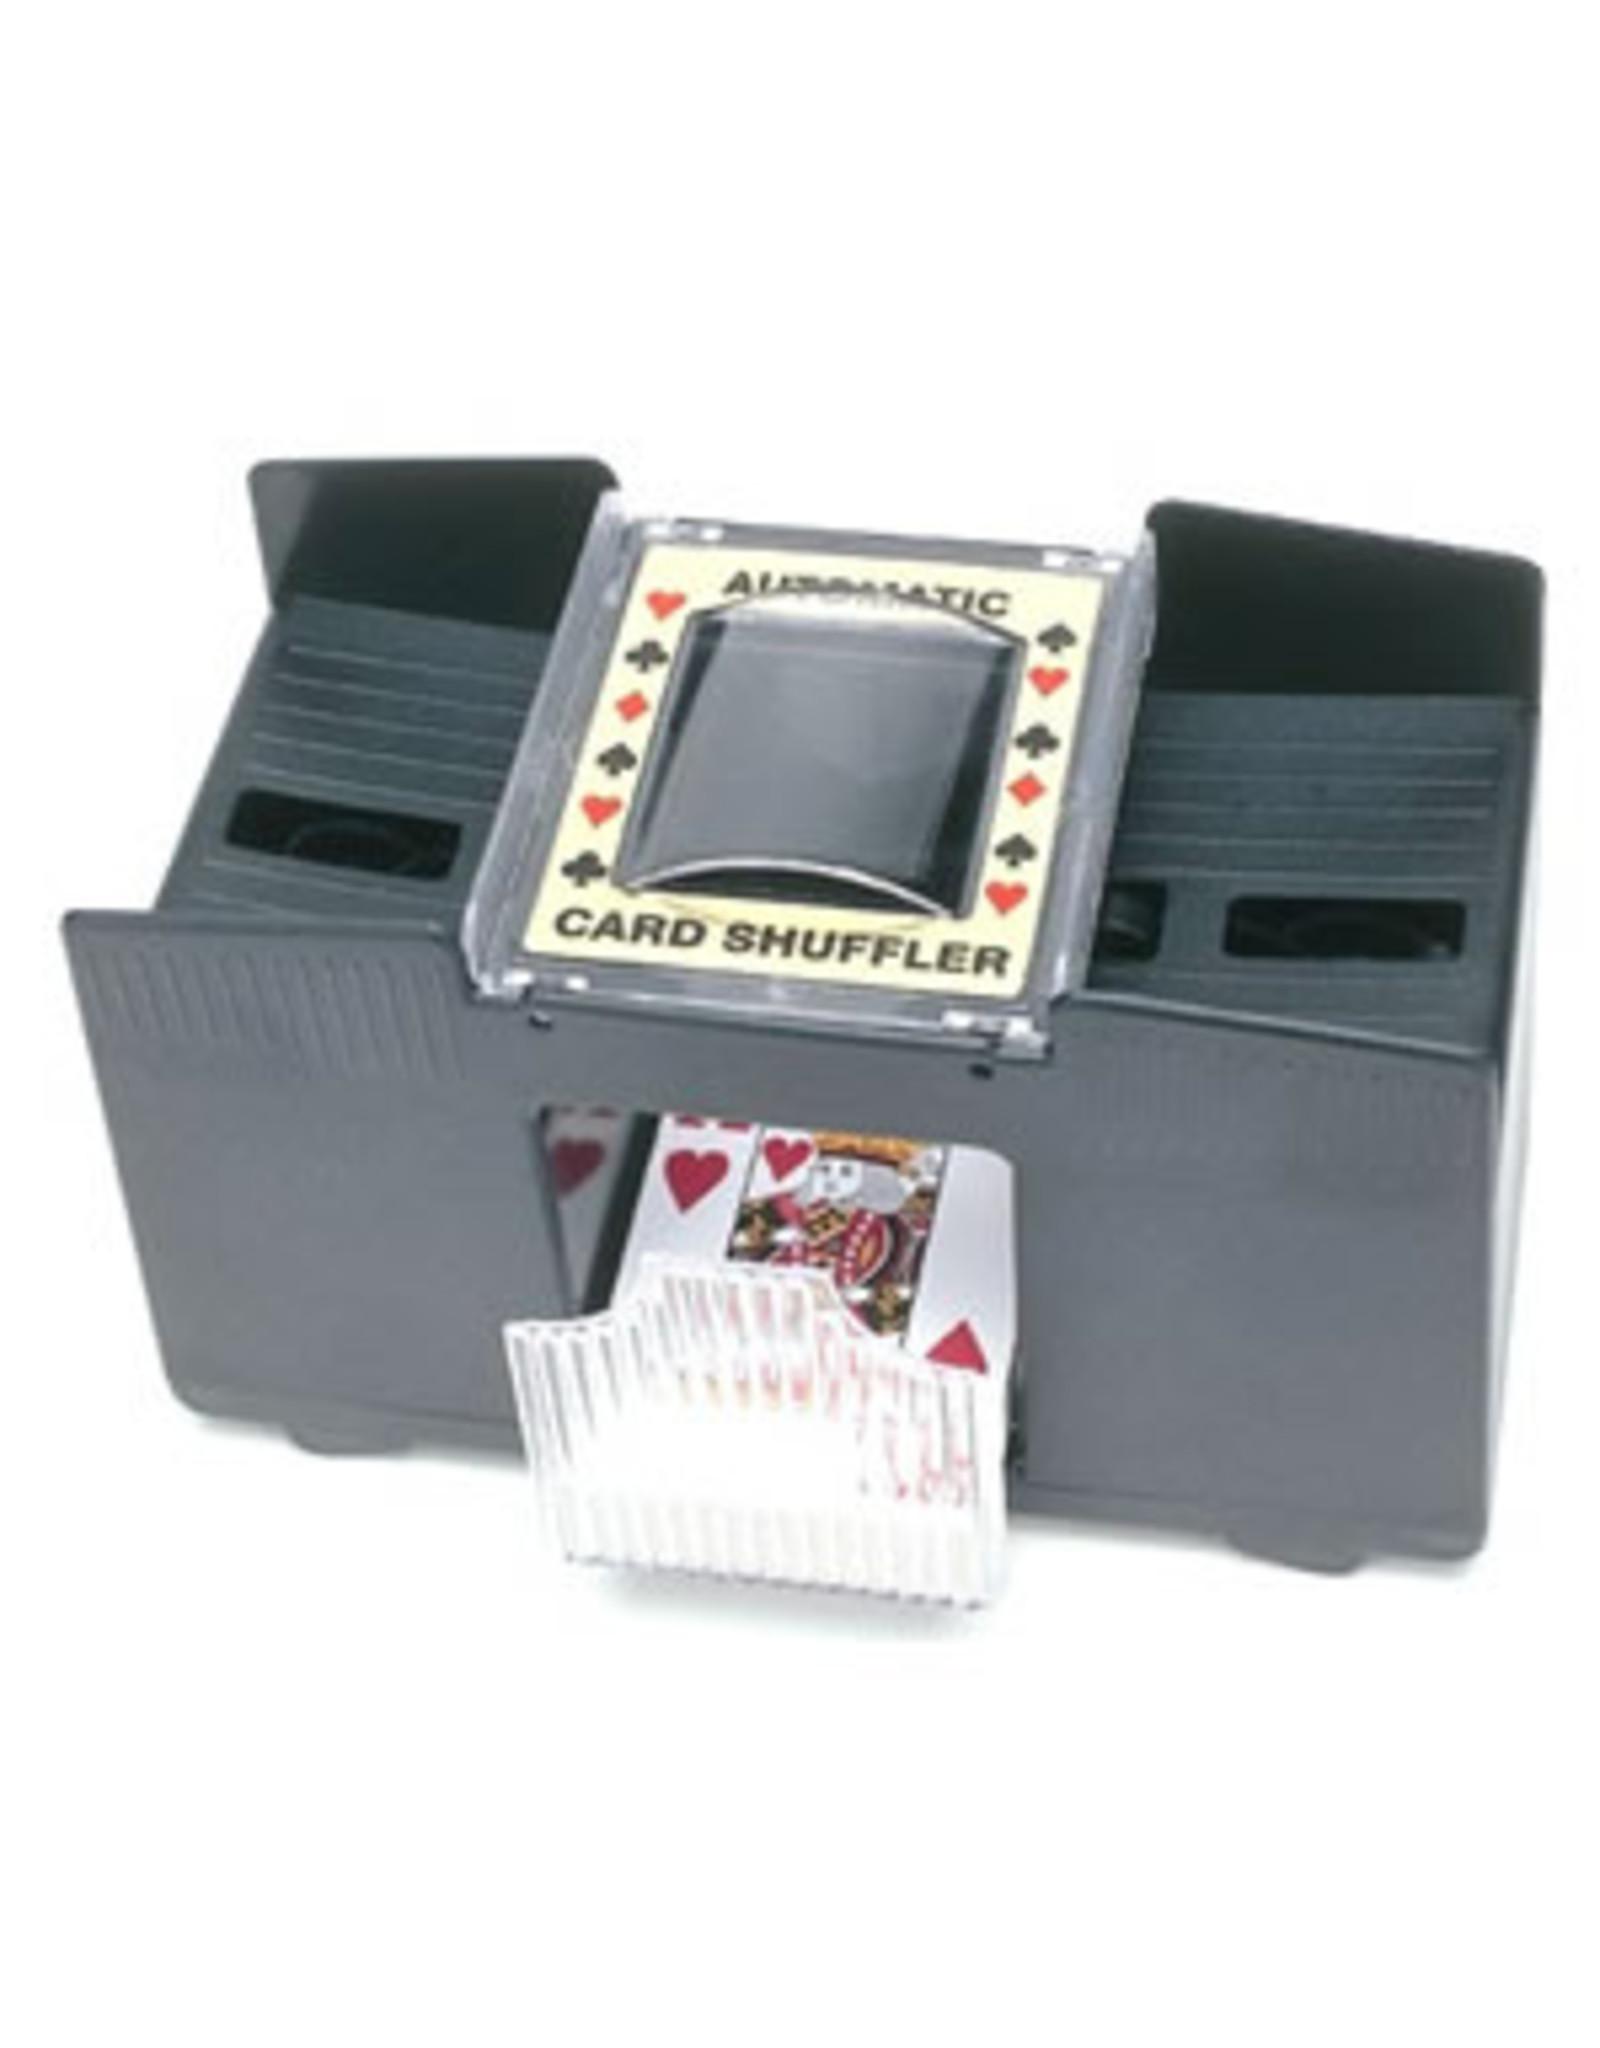 4 DECK BATTERY OPERATED CARD SHUFFLER